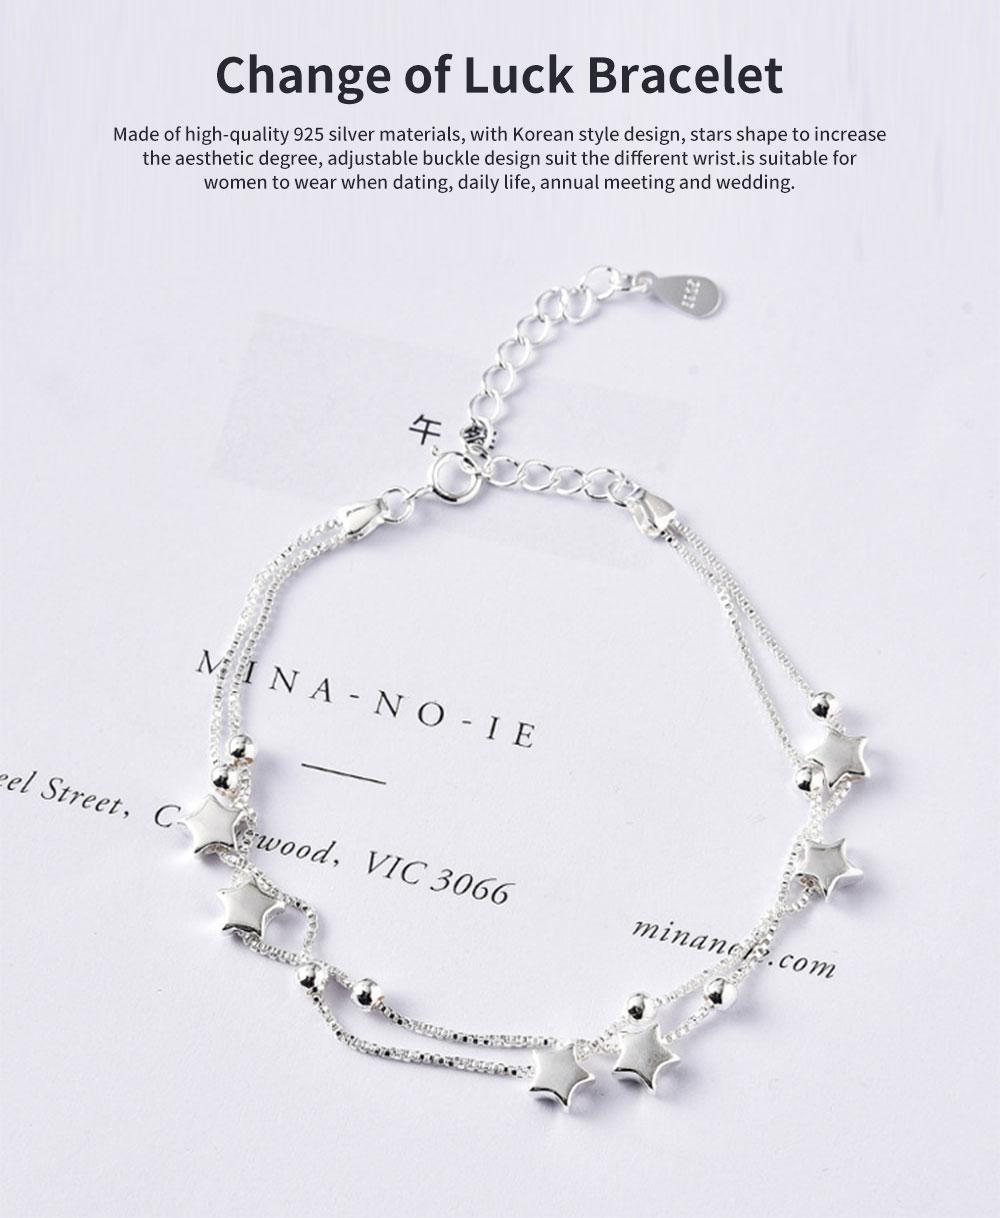 Luck Bracelet for Women Wide Range Stars Shape Korean Style 925 Sterling Silver Hand Catenary 0